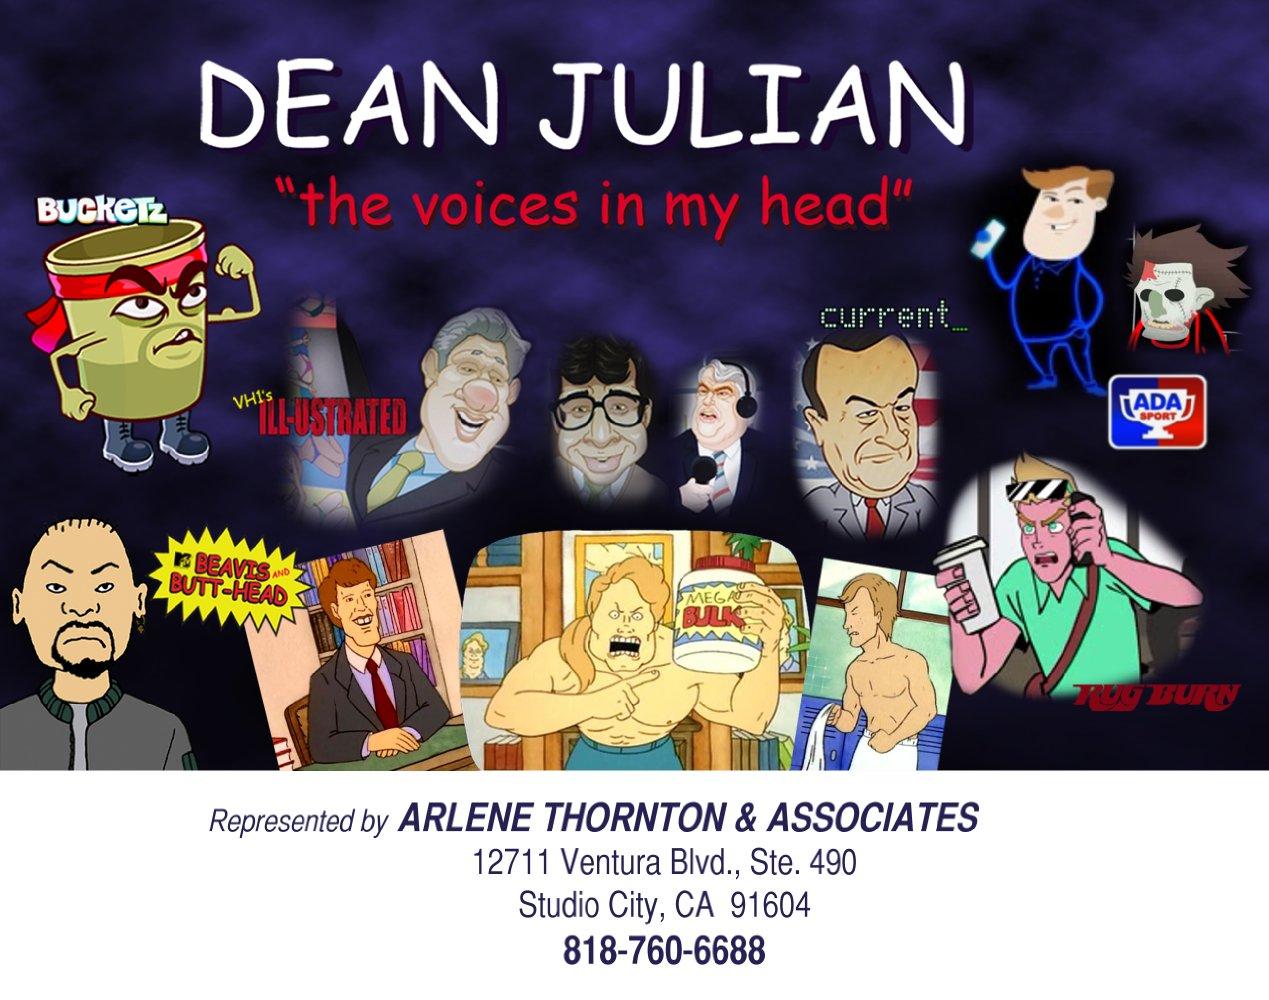 Dean Julian